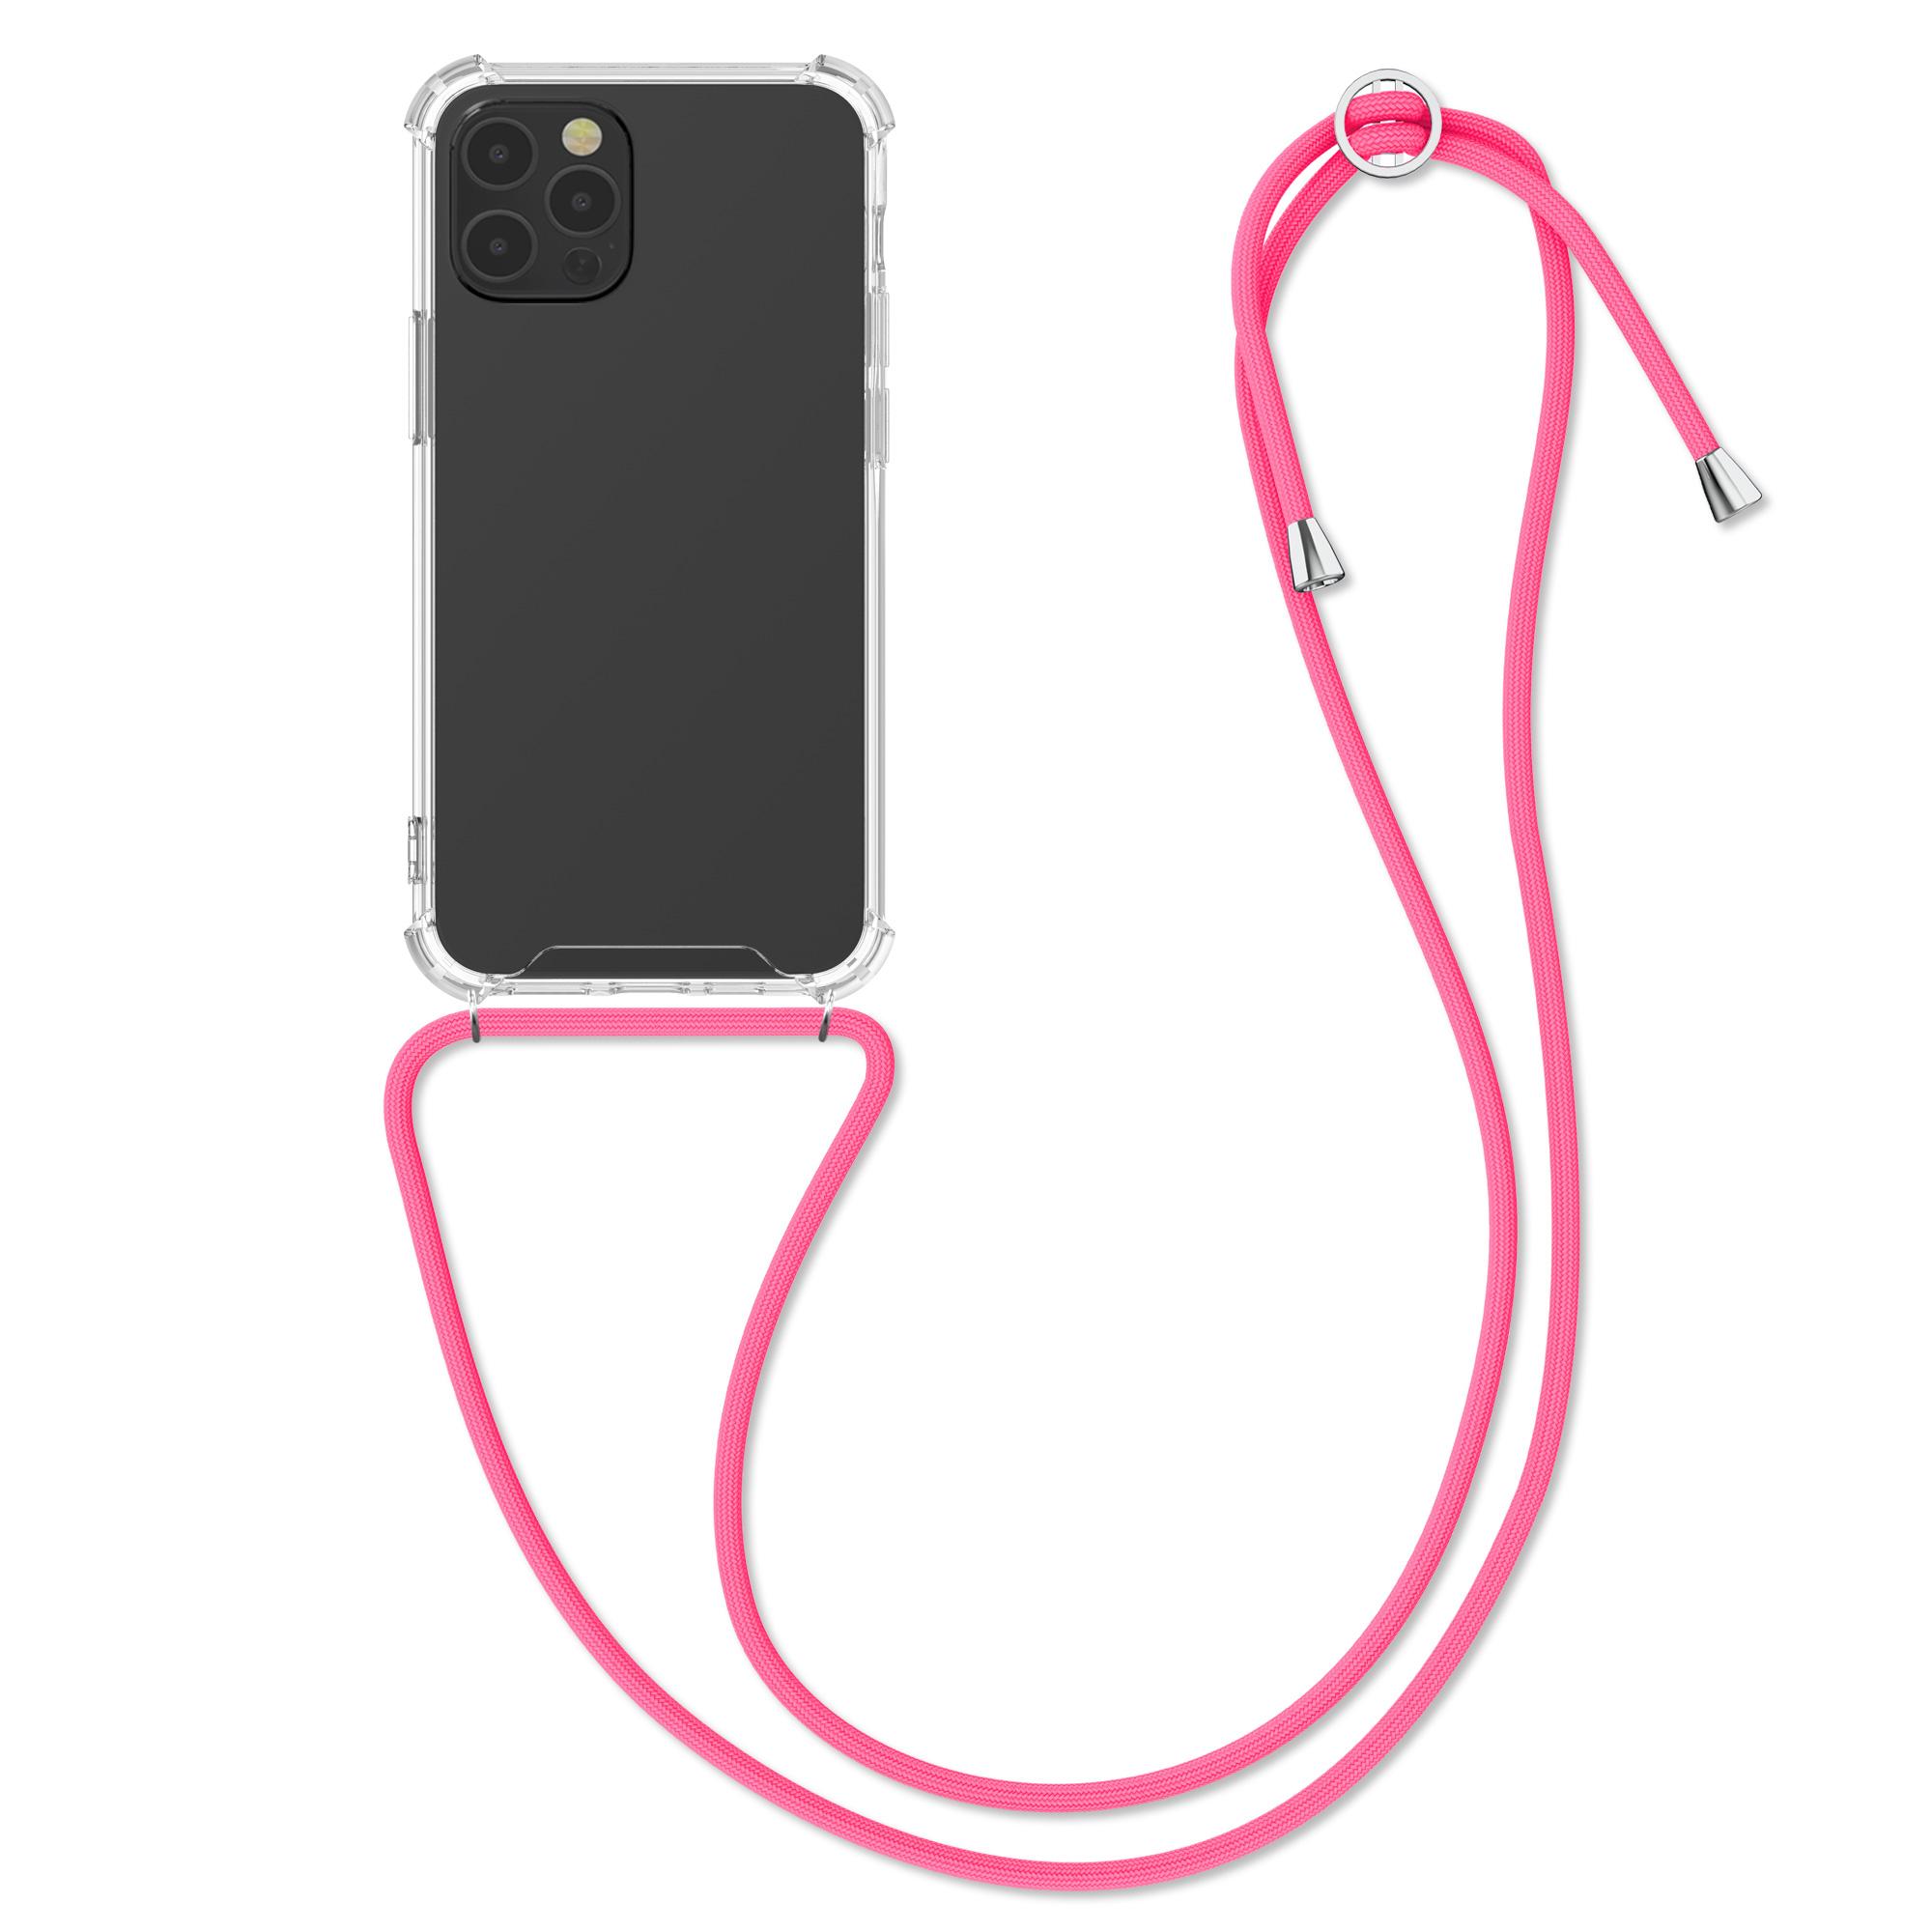 Kvalitní silikonové TPU pouzdro pro Apple iPhone 12 / 12 Pro - Transparent | Neon Pink